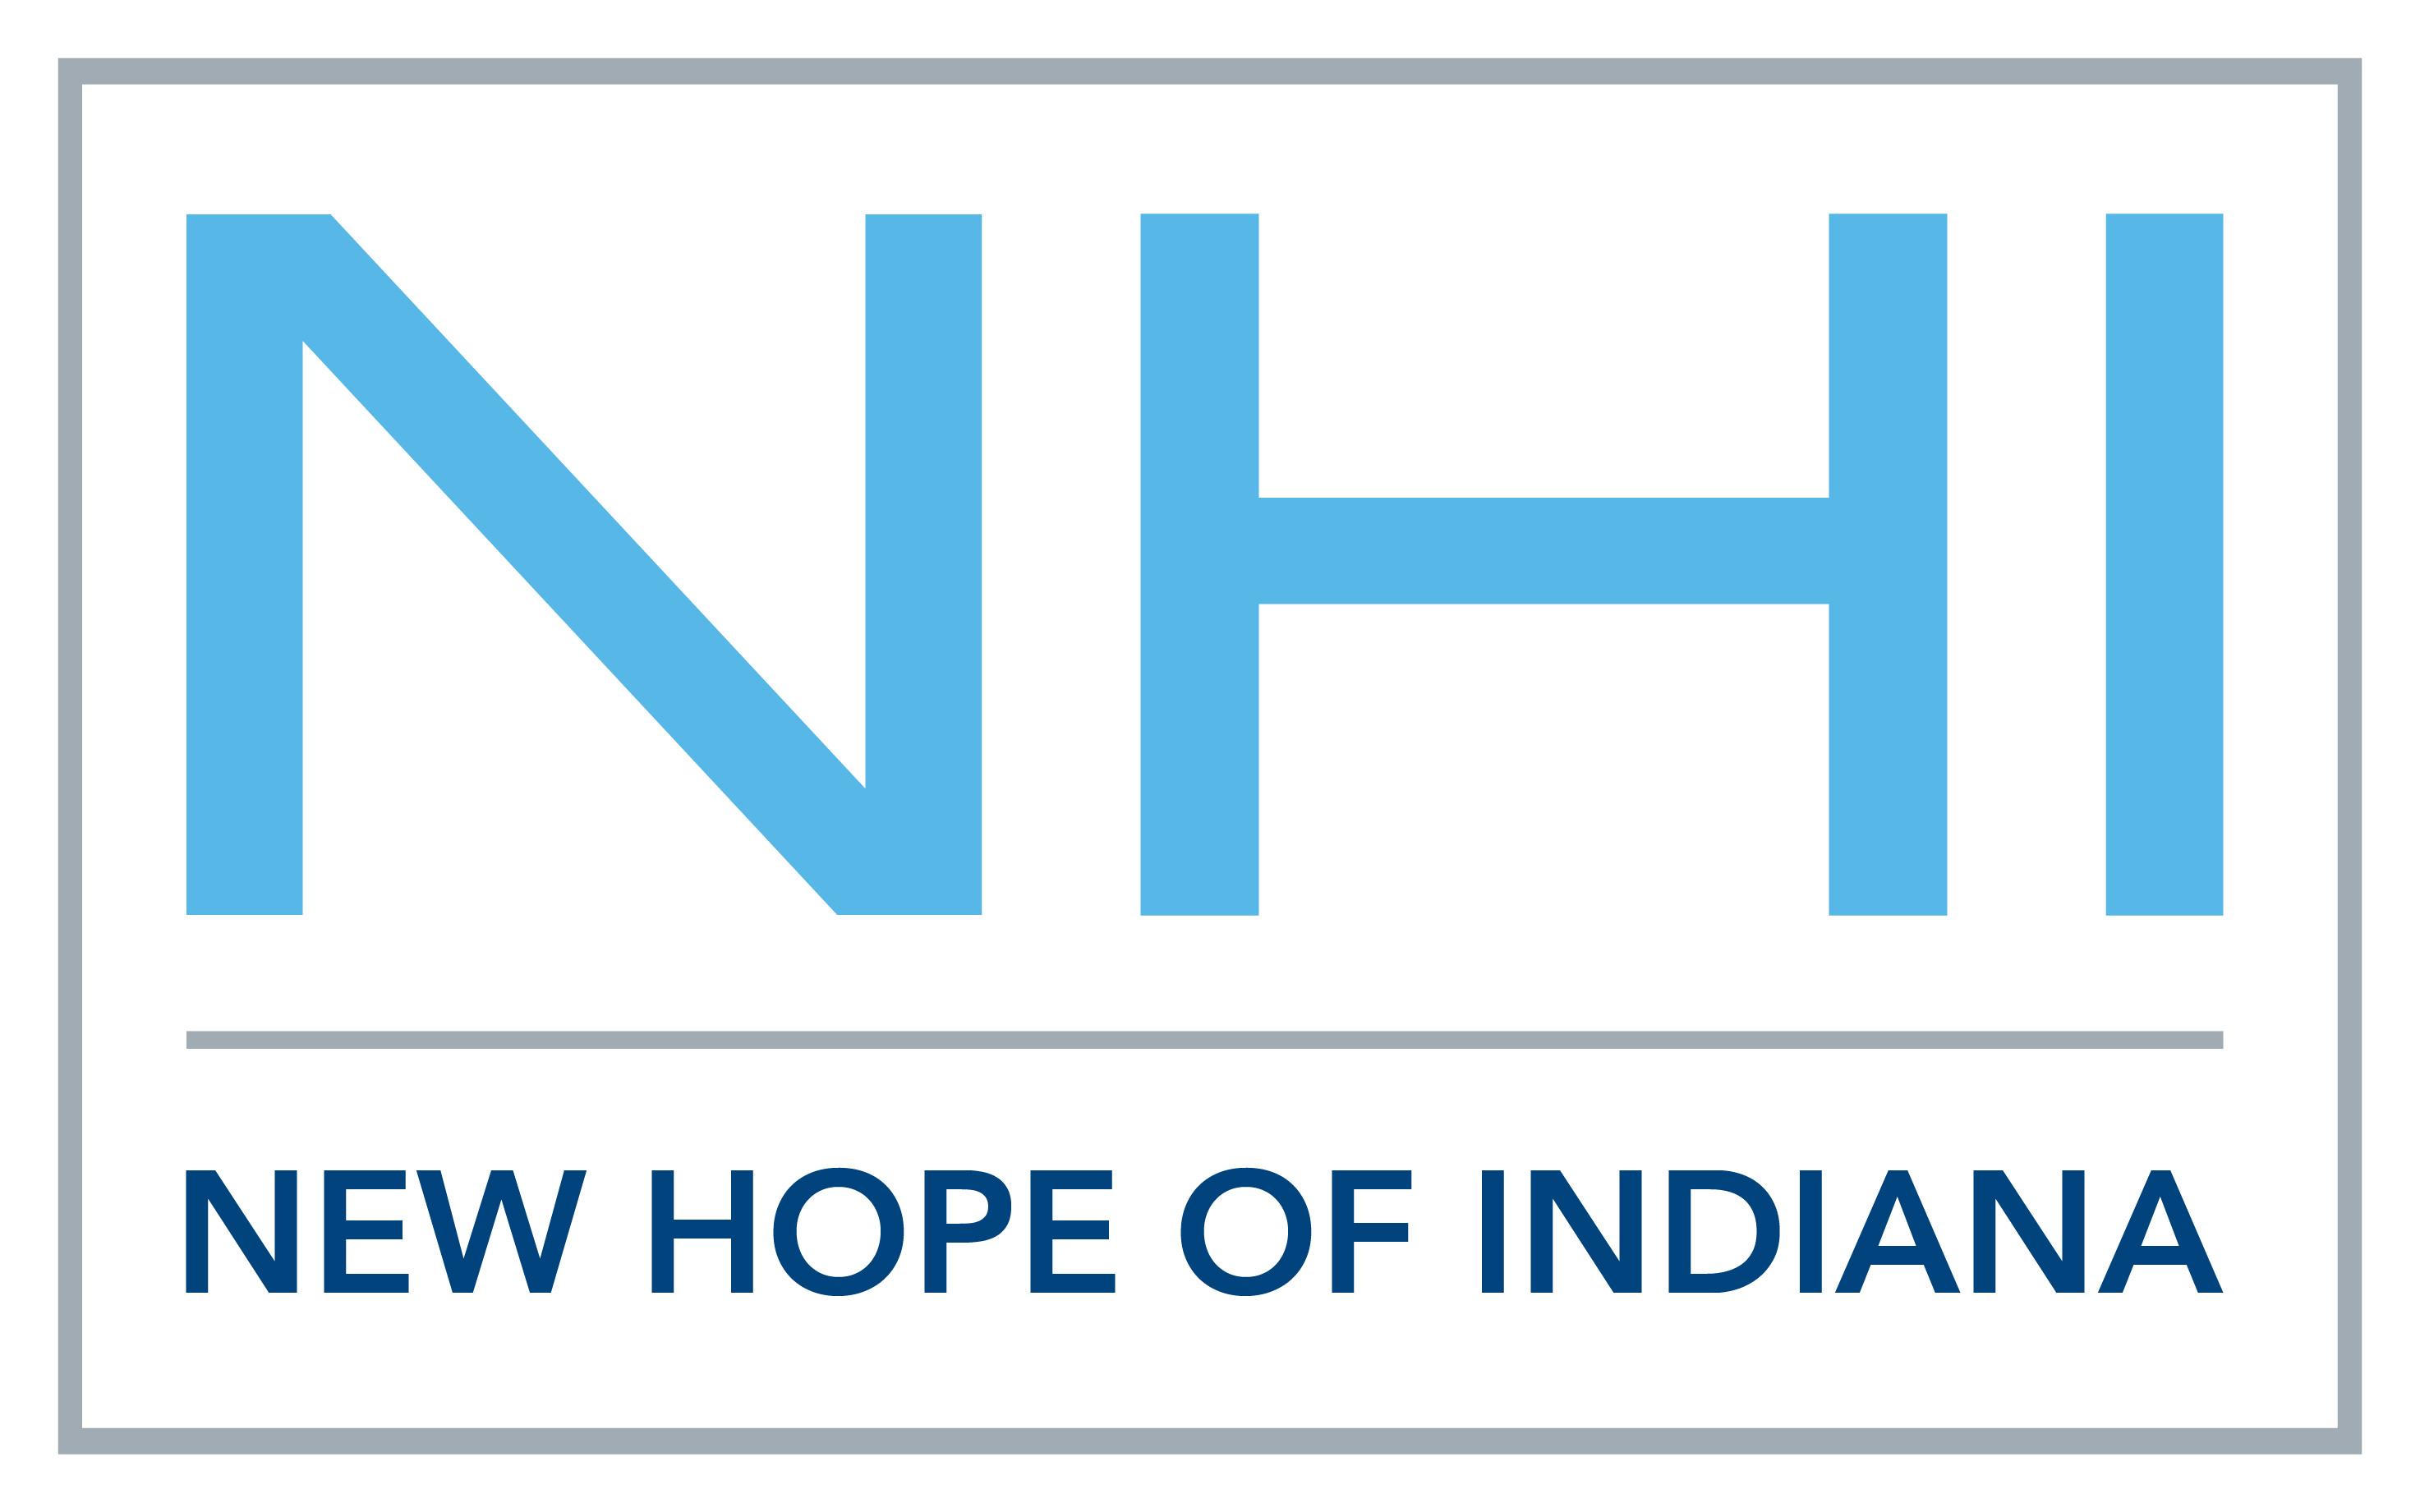 New Hope of Indiana, Inc. logo